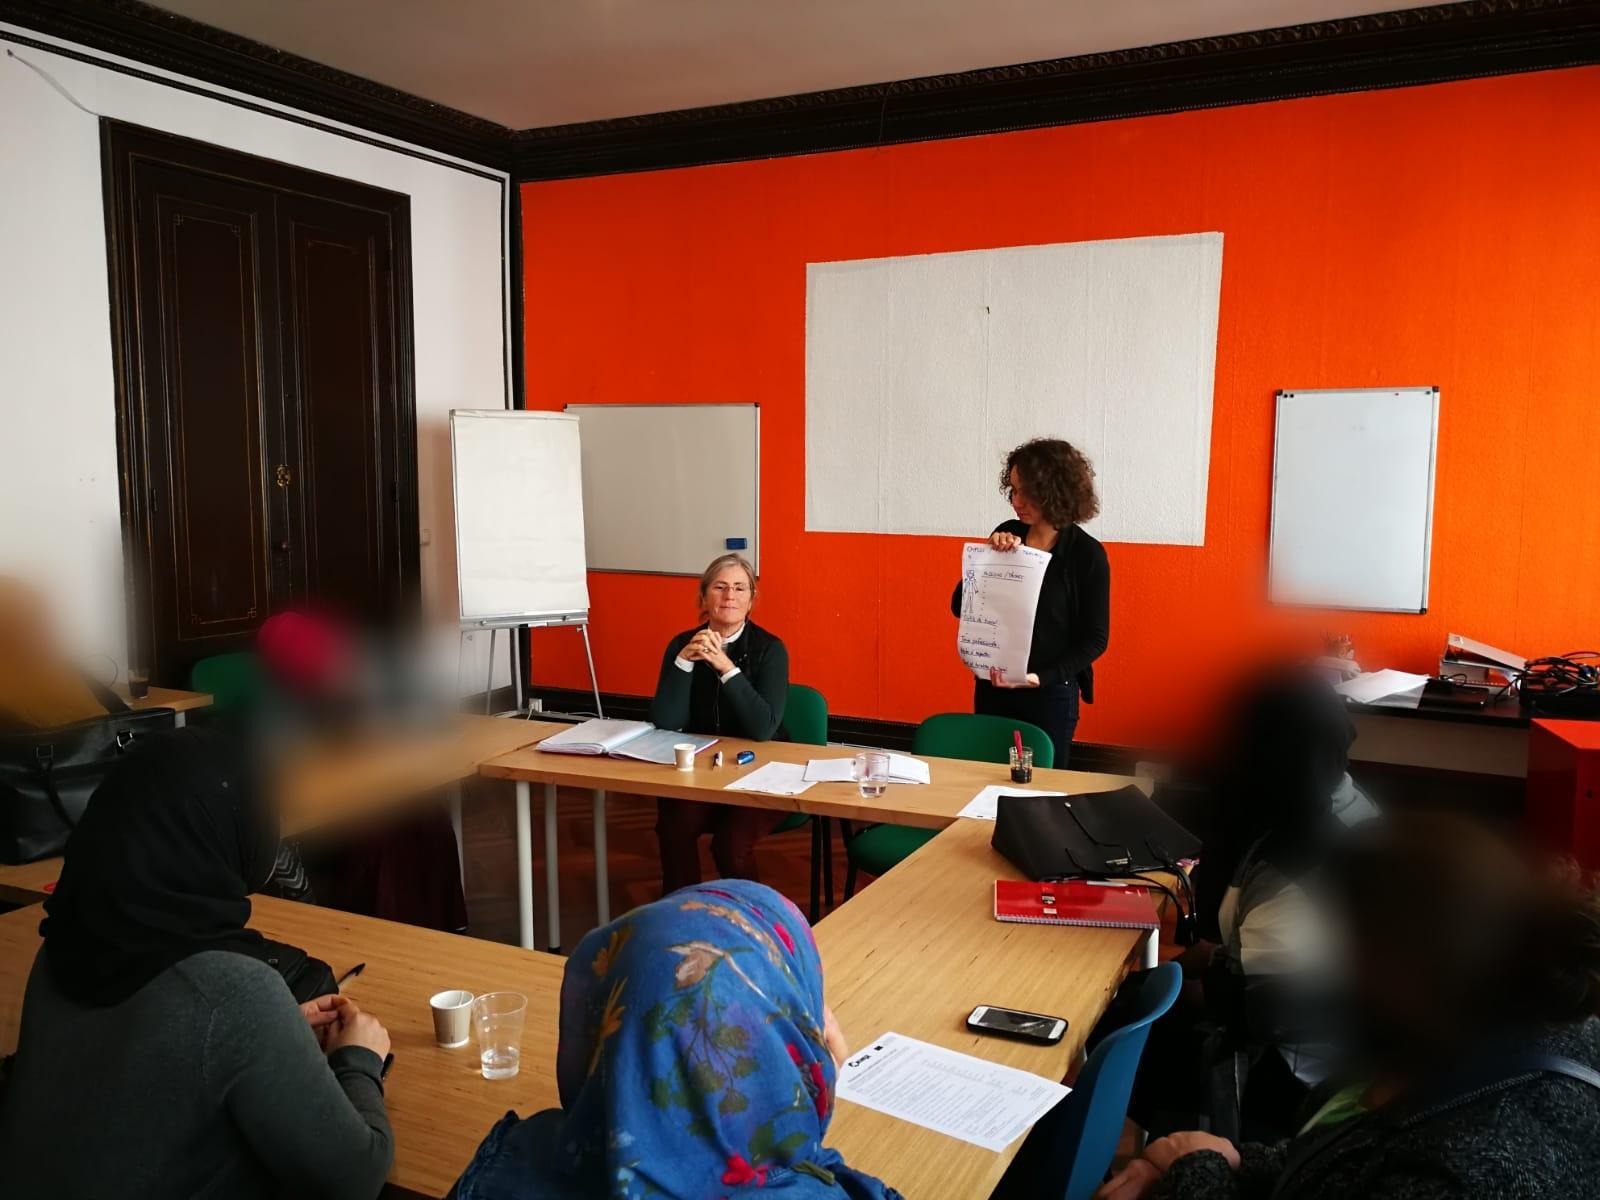 job to stay réfugié accompagnement professionnel emploi association odyssée erasmus bordeaux